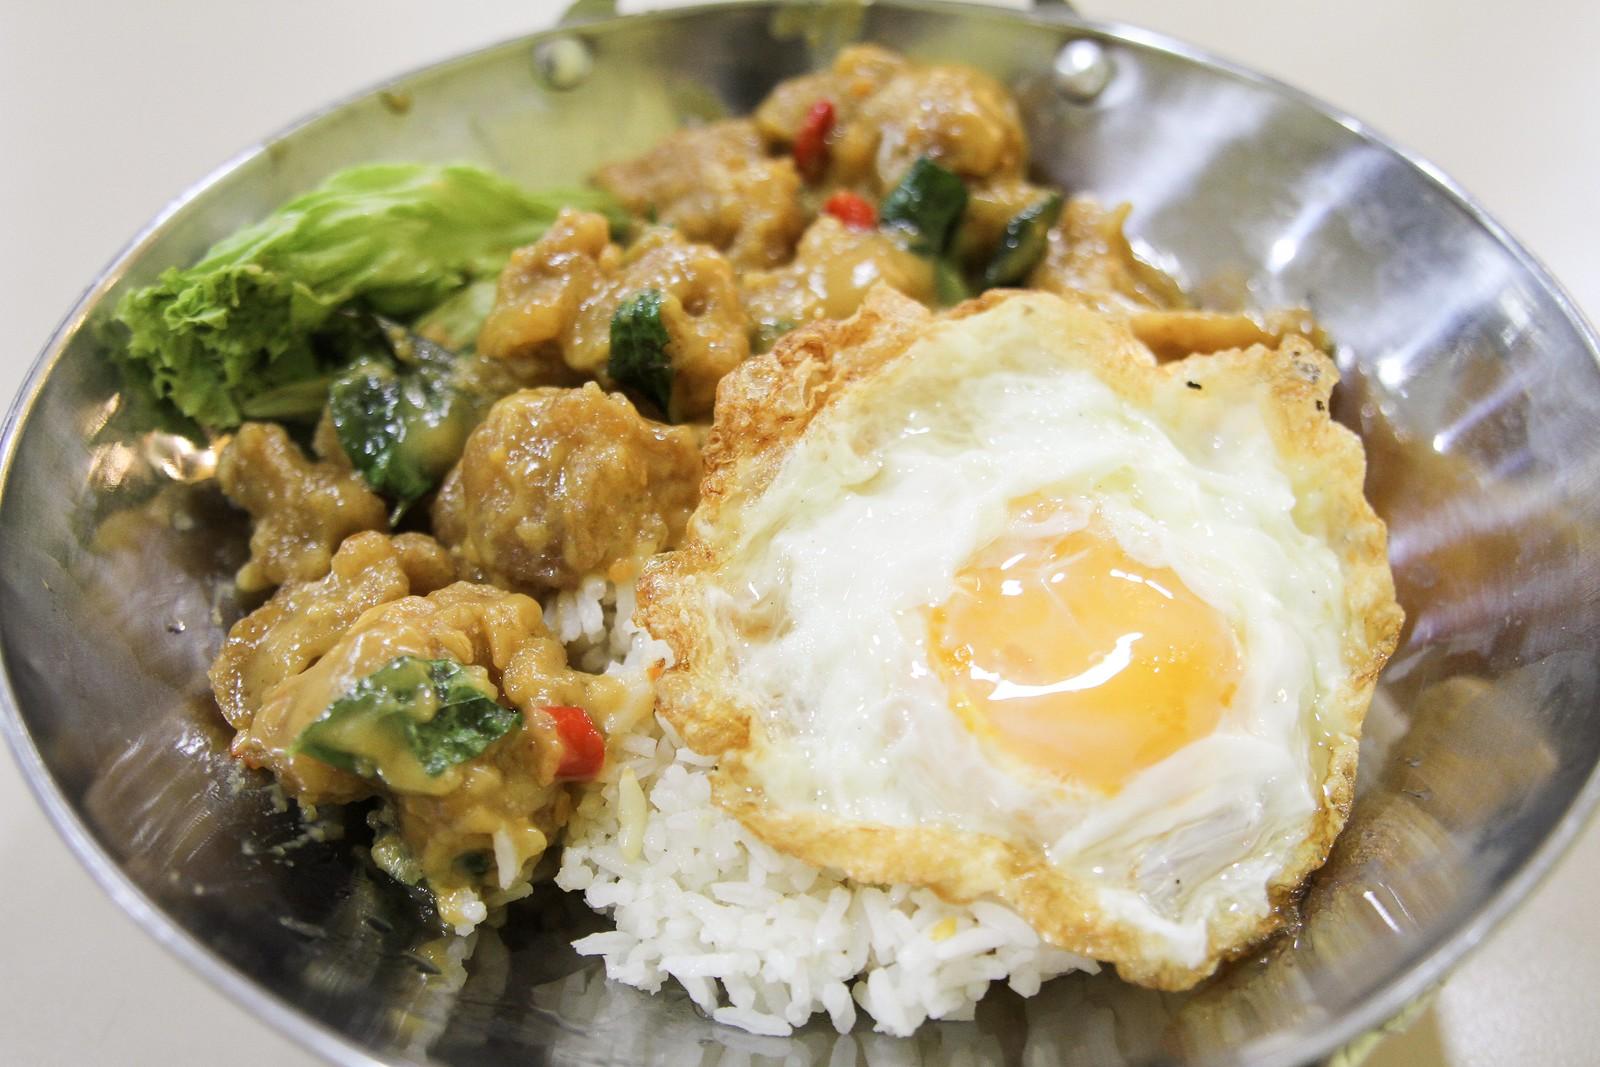 米饭是塞普西丁的蛋